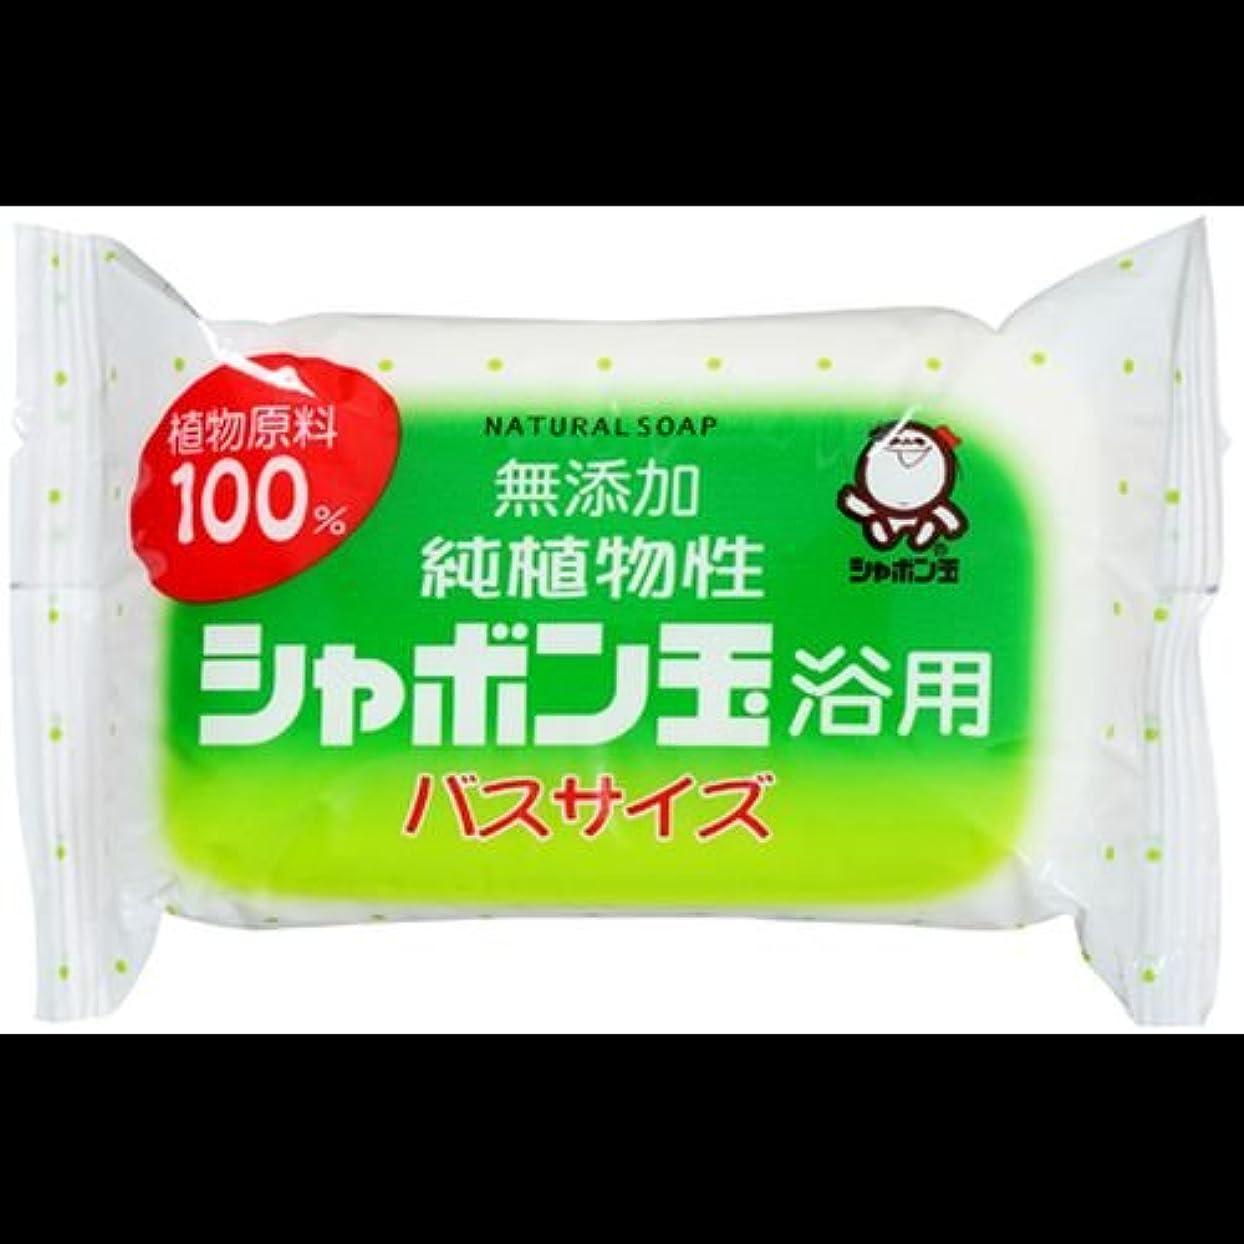 割り当てる後ろ、背後、背面(部ベッドを作る【まとめ買い】純植物性シャボン玉 浴用 バスサイズ155g ×2セット